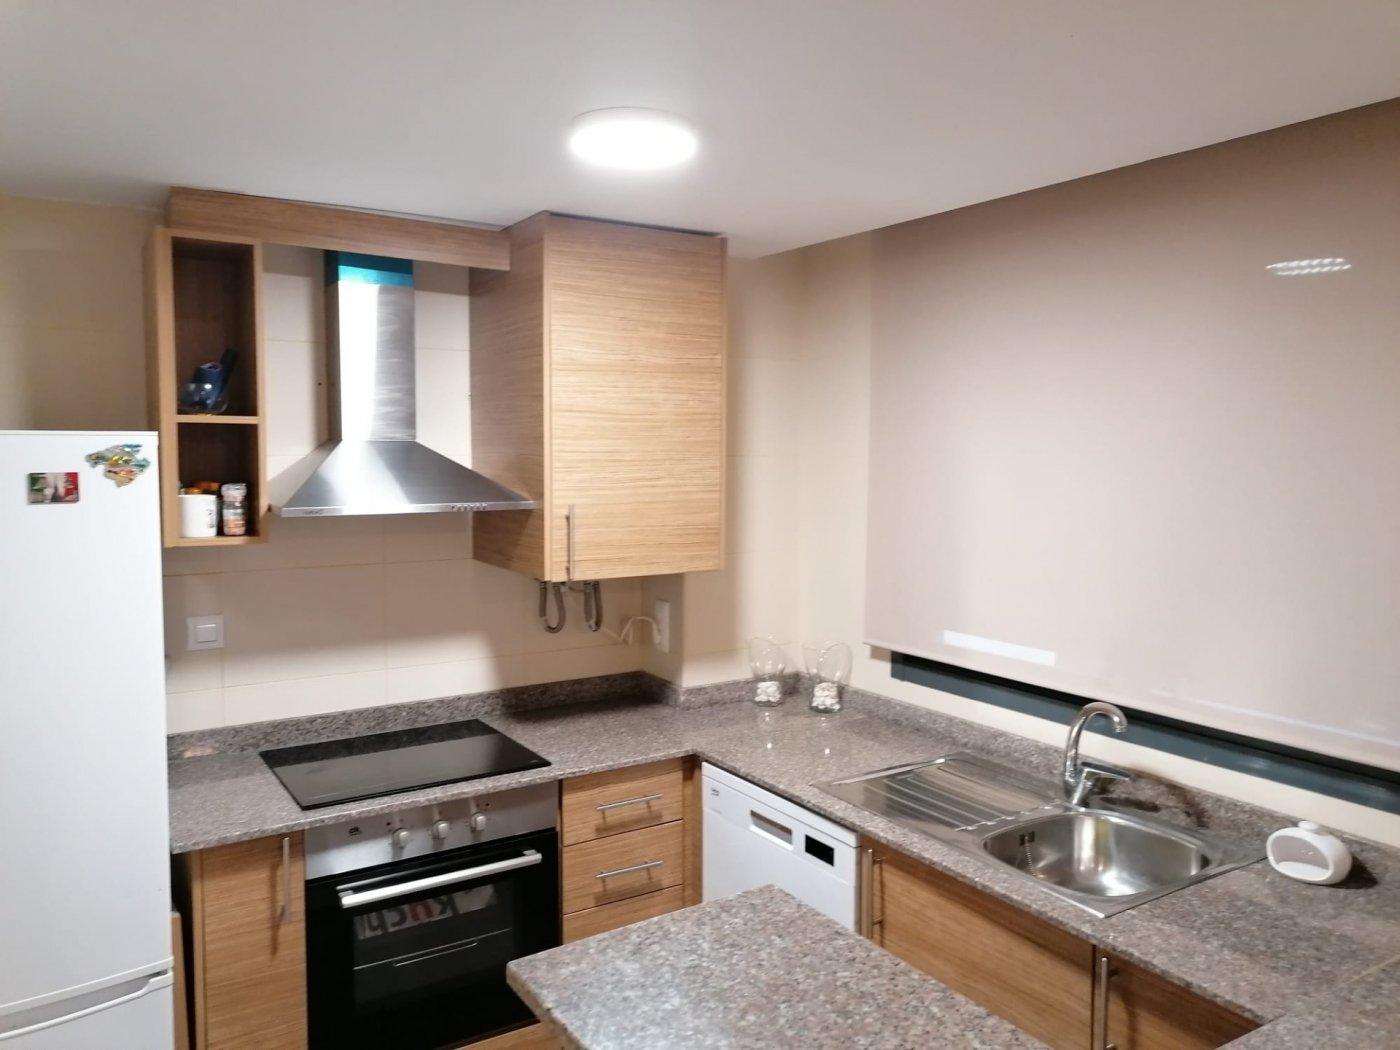 Fantástico apartamento en peñíscola 1 hab - imagenInmueble21